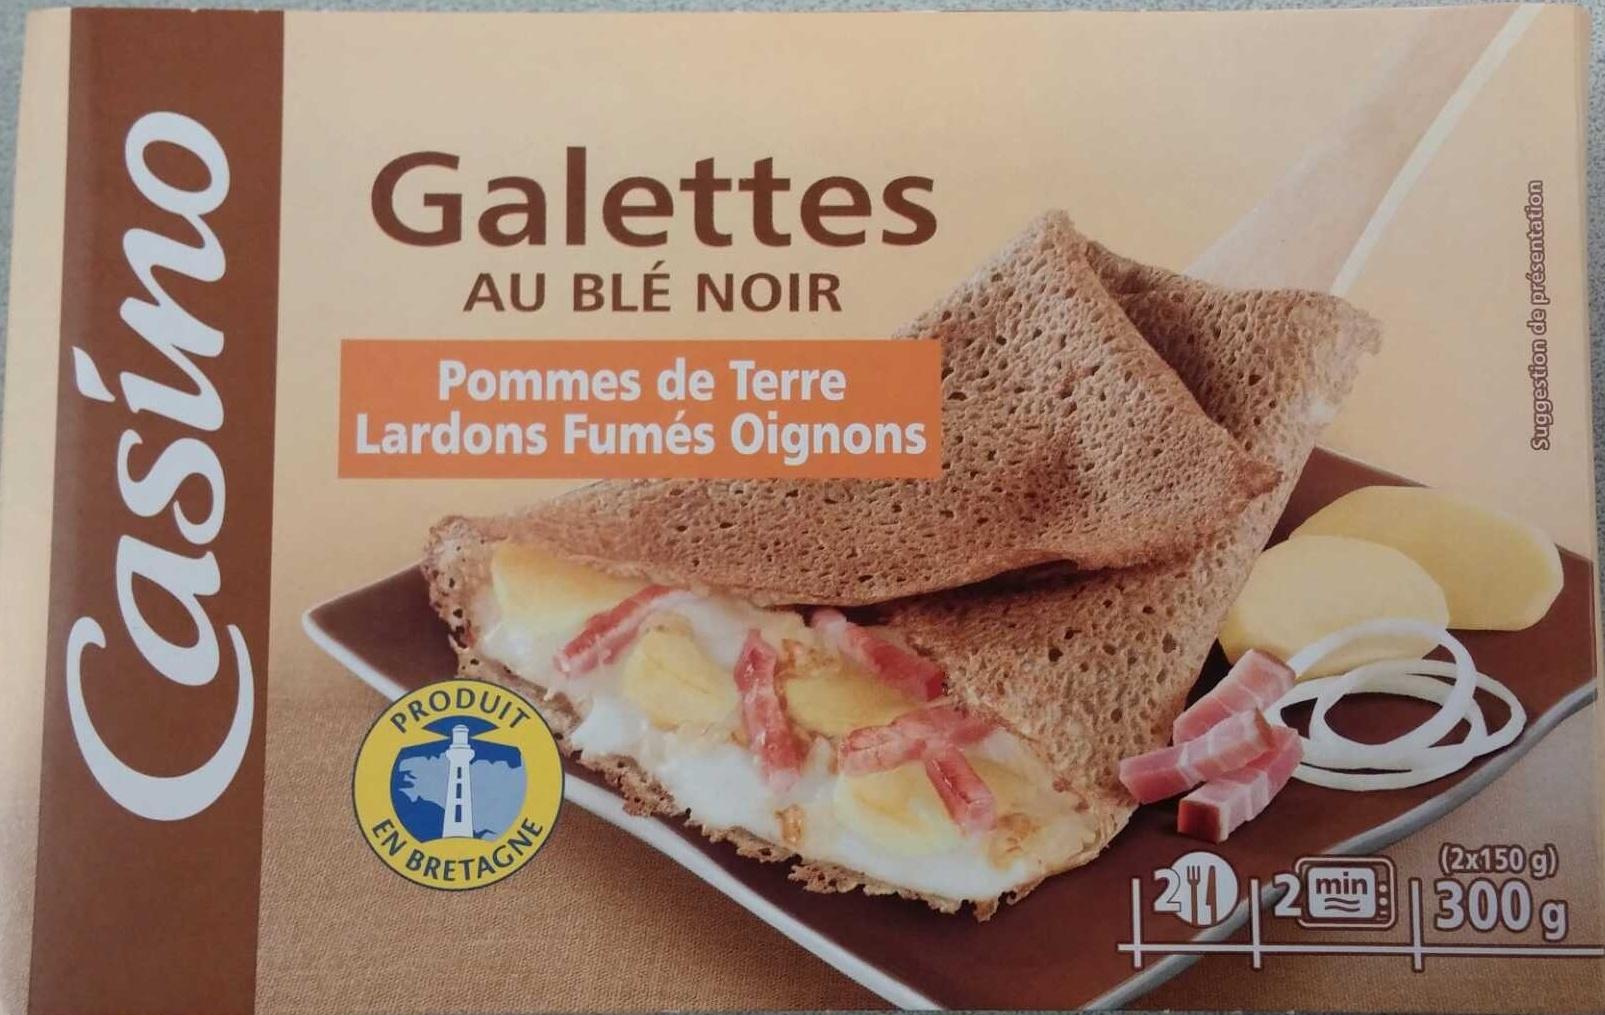 Galettes au Blé Noir, Pommes de Terre, Lardons Fumés, Oignons - Produit - fr